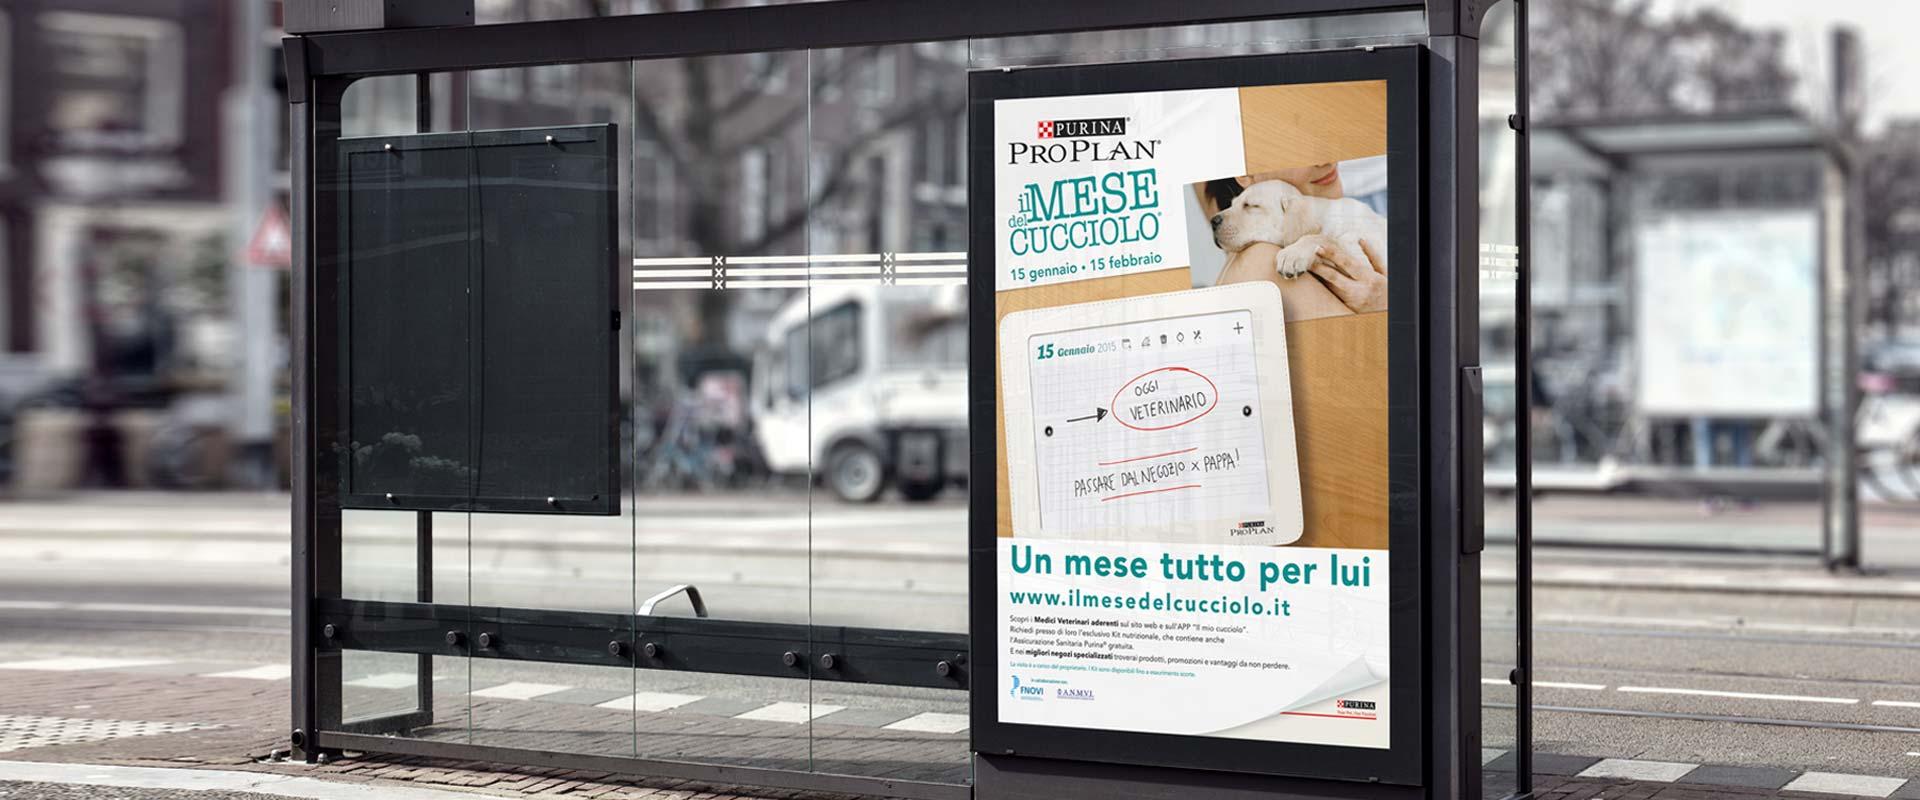 Campagna Mese del Cucciolo Purina Pro Plan concept storytelling